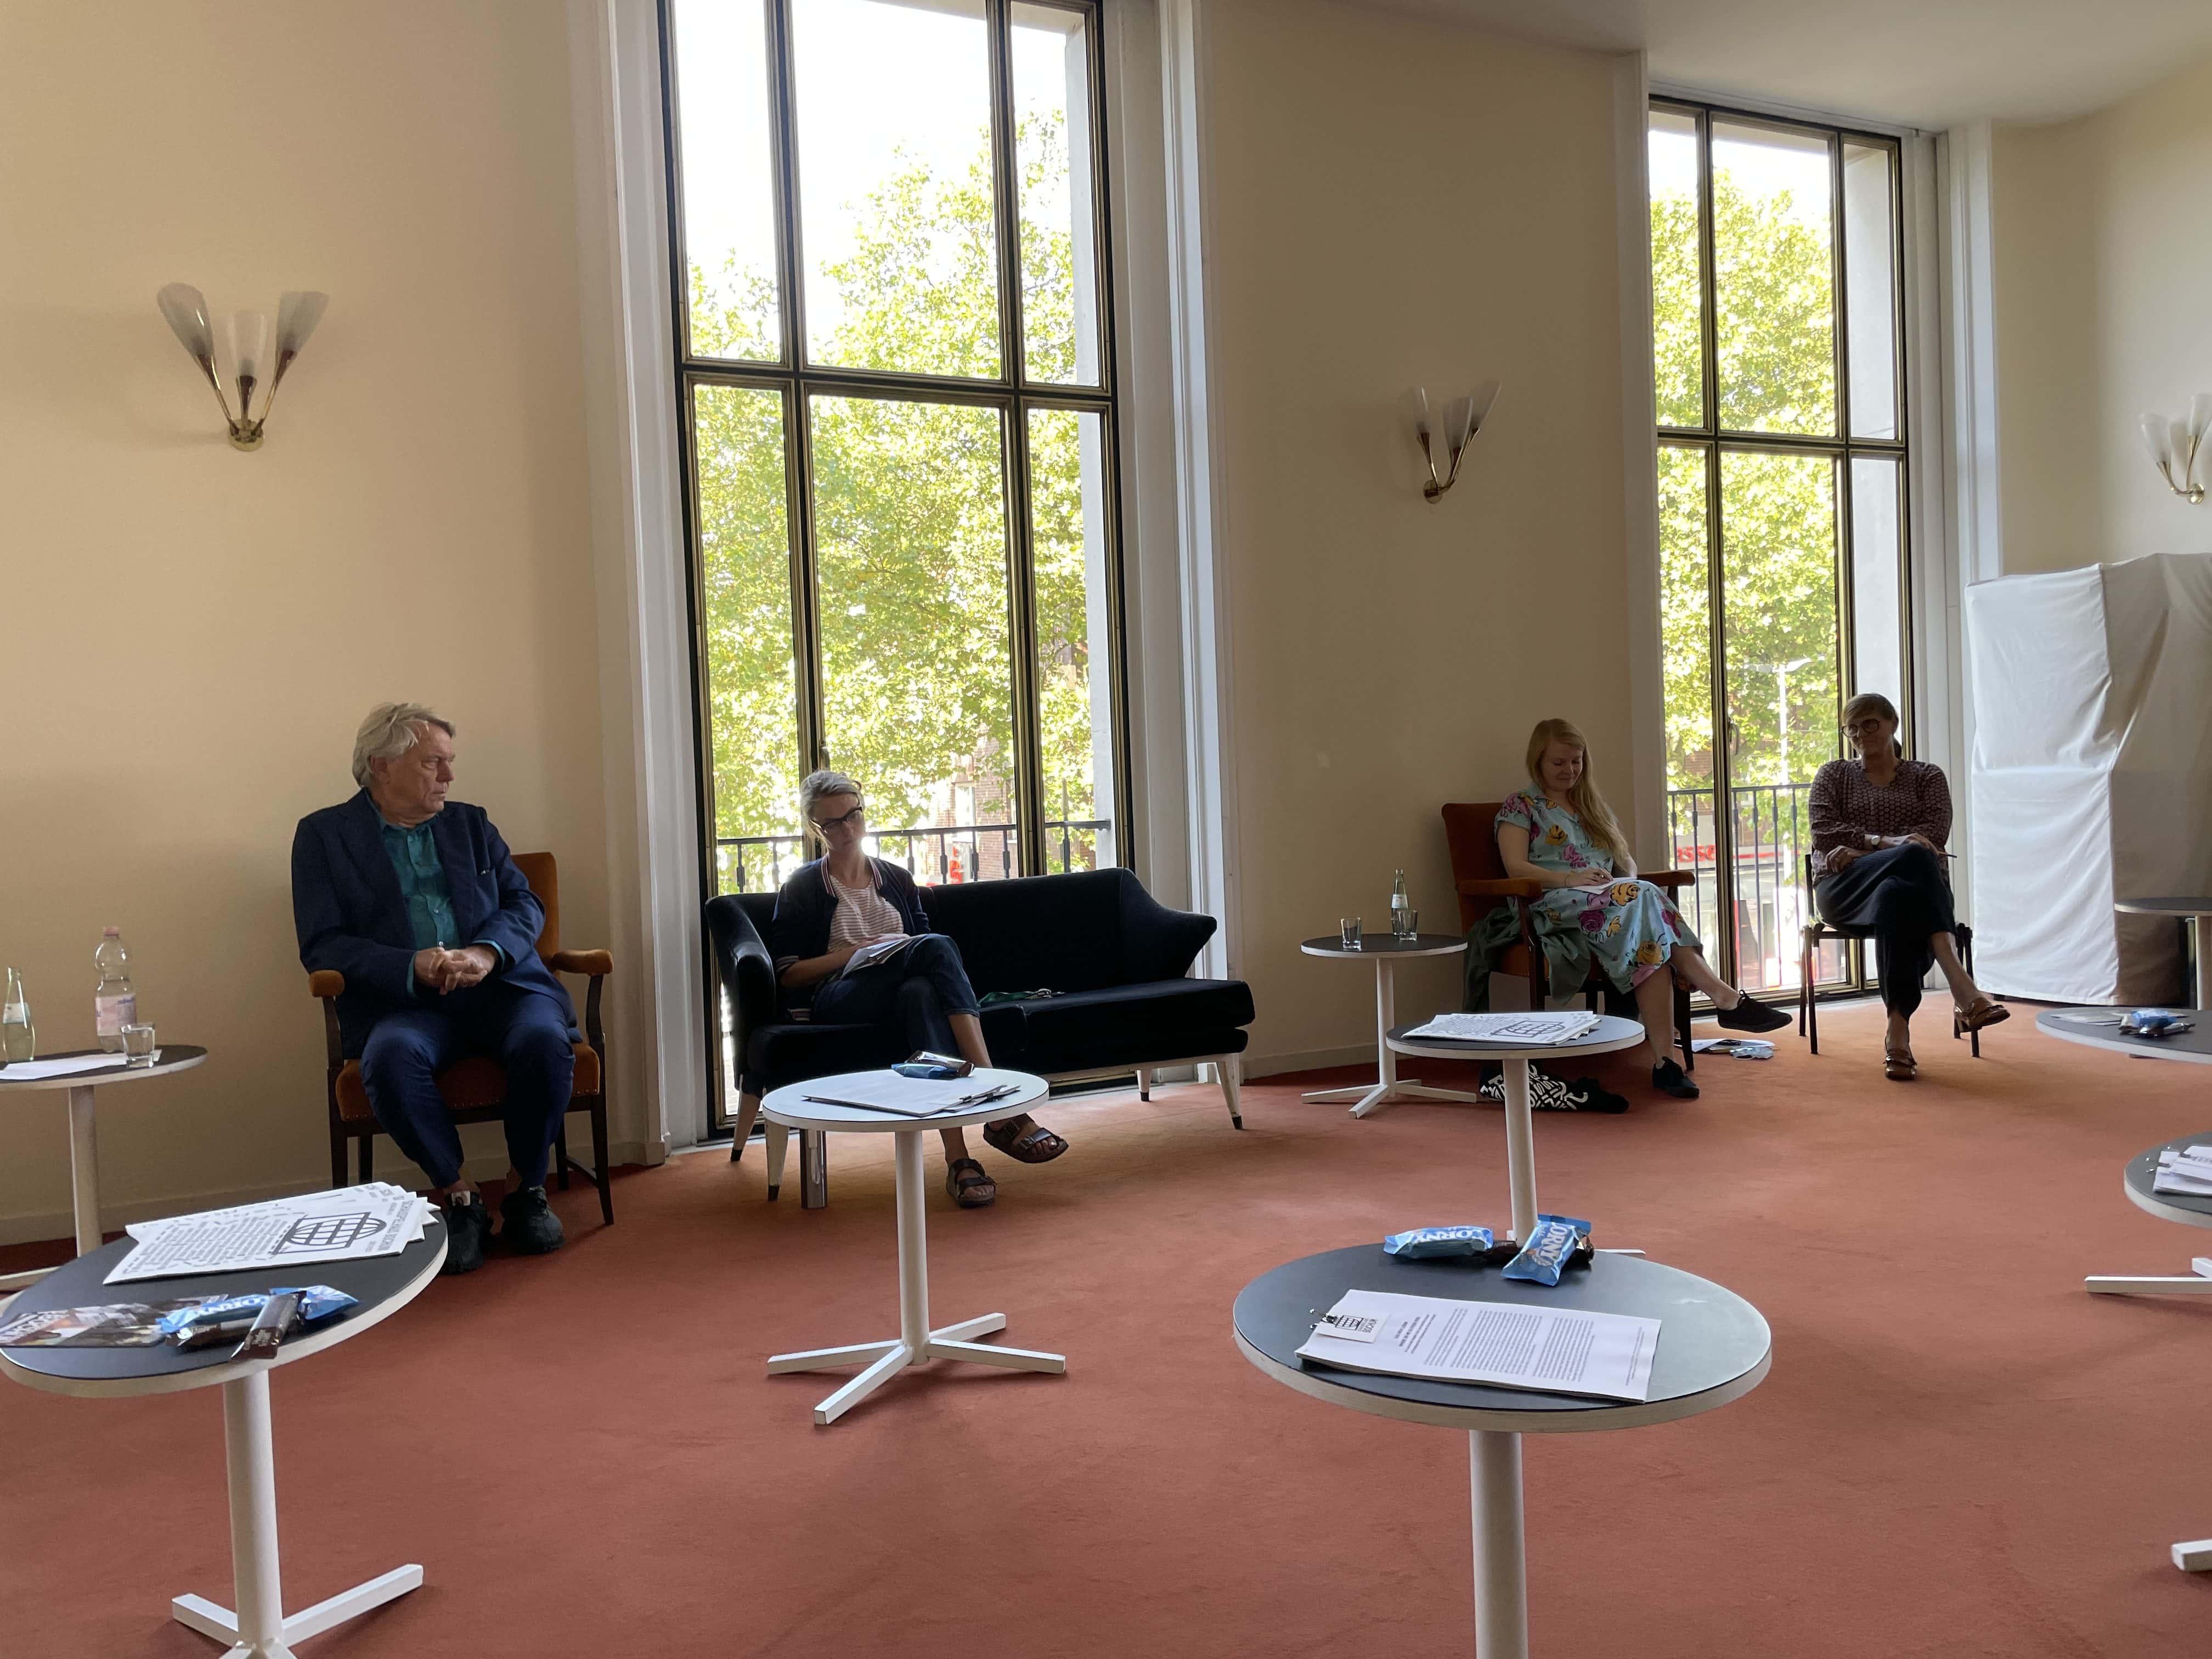 Schauspielhaus Bochum (Saison 2021-Auftaktgespräch): Johan Simons, Angela Obst, Saara Turunen, Dorothea Neweling